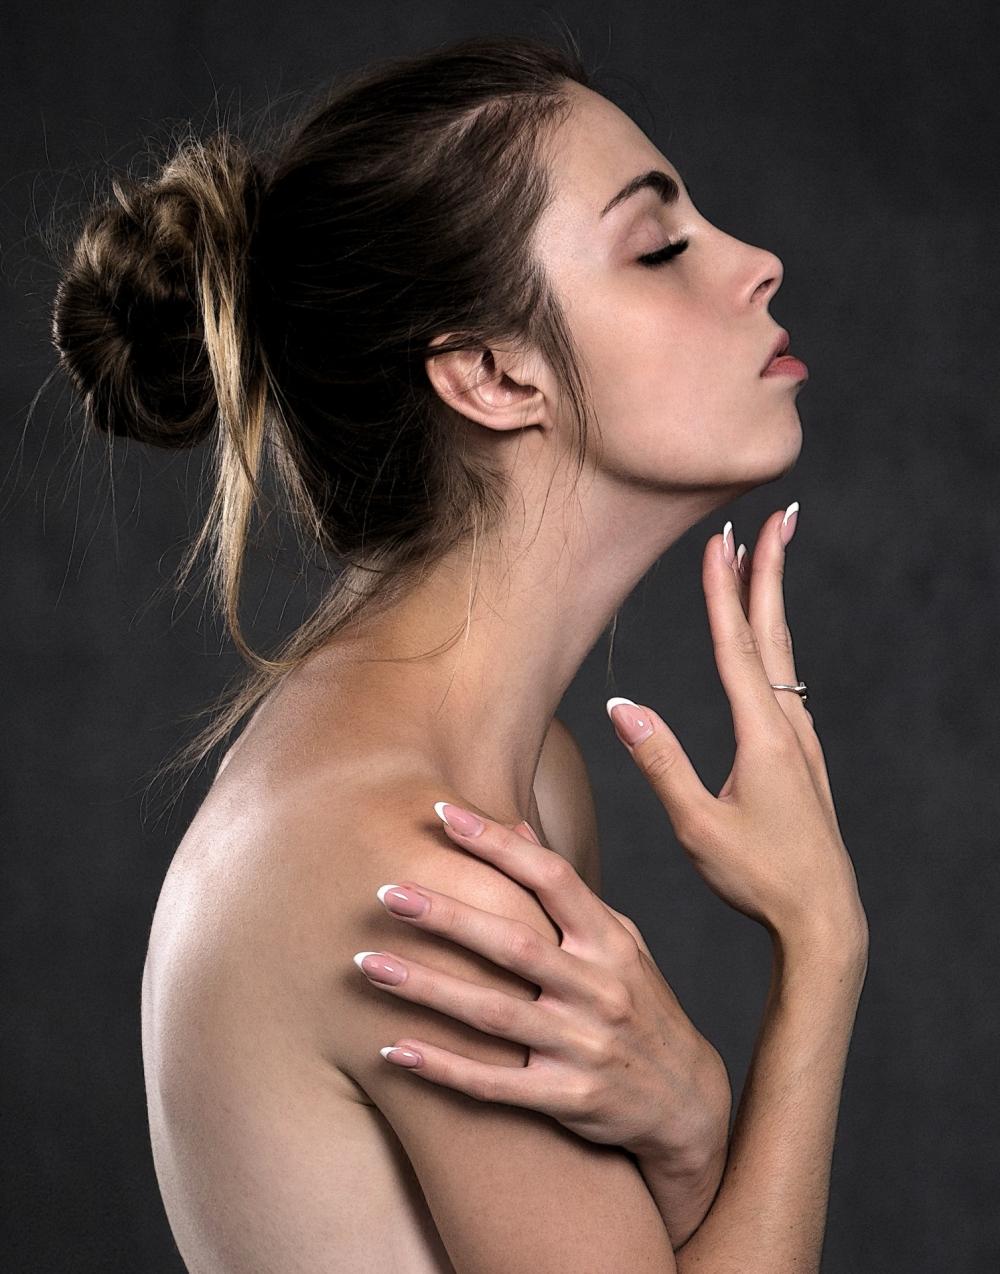 Ежедневный утренний уход за кожей лица это не только умывание, но и питьевой режим и правильное питание.